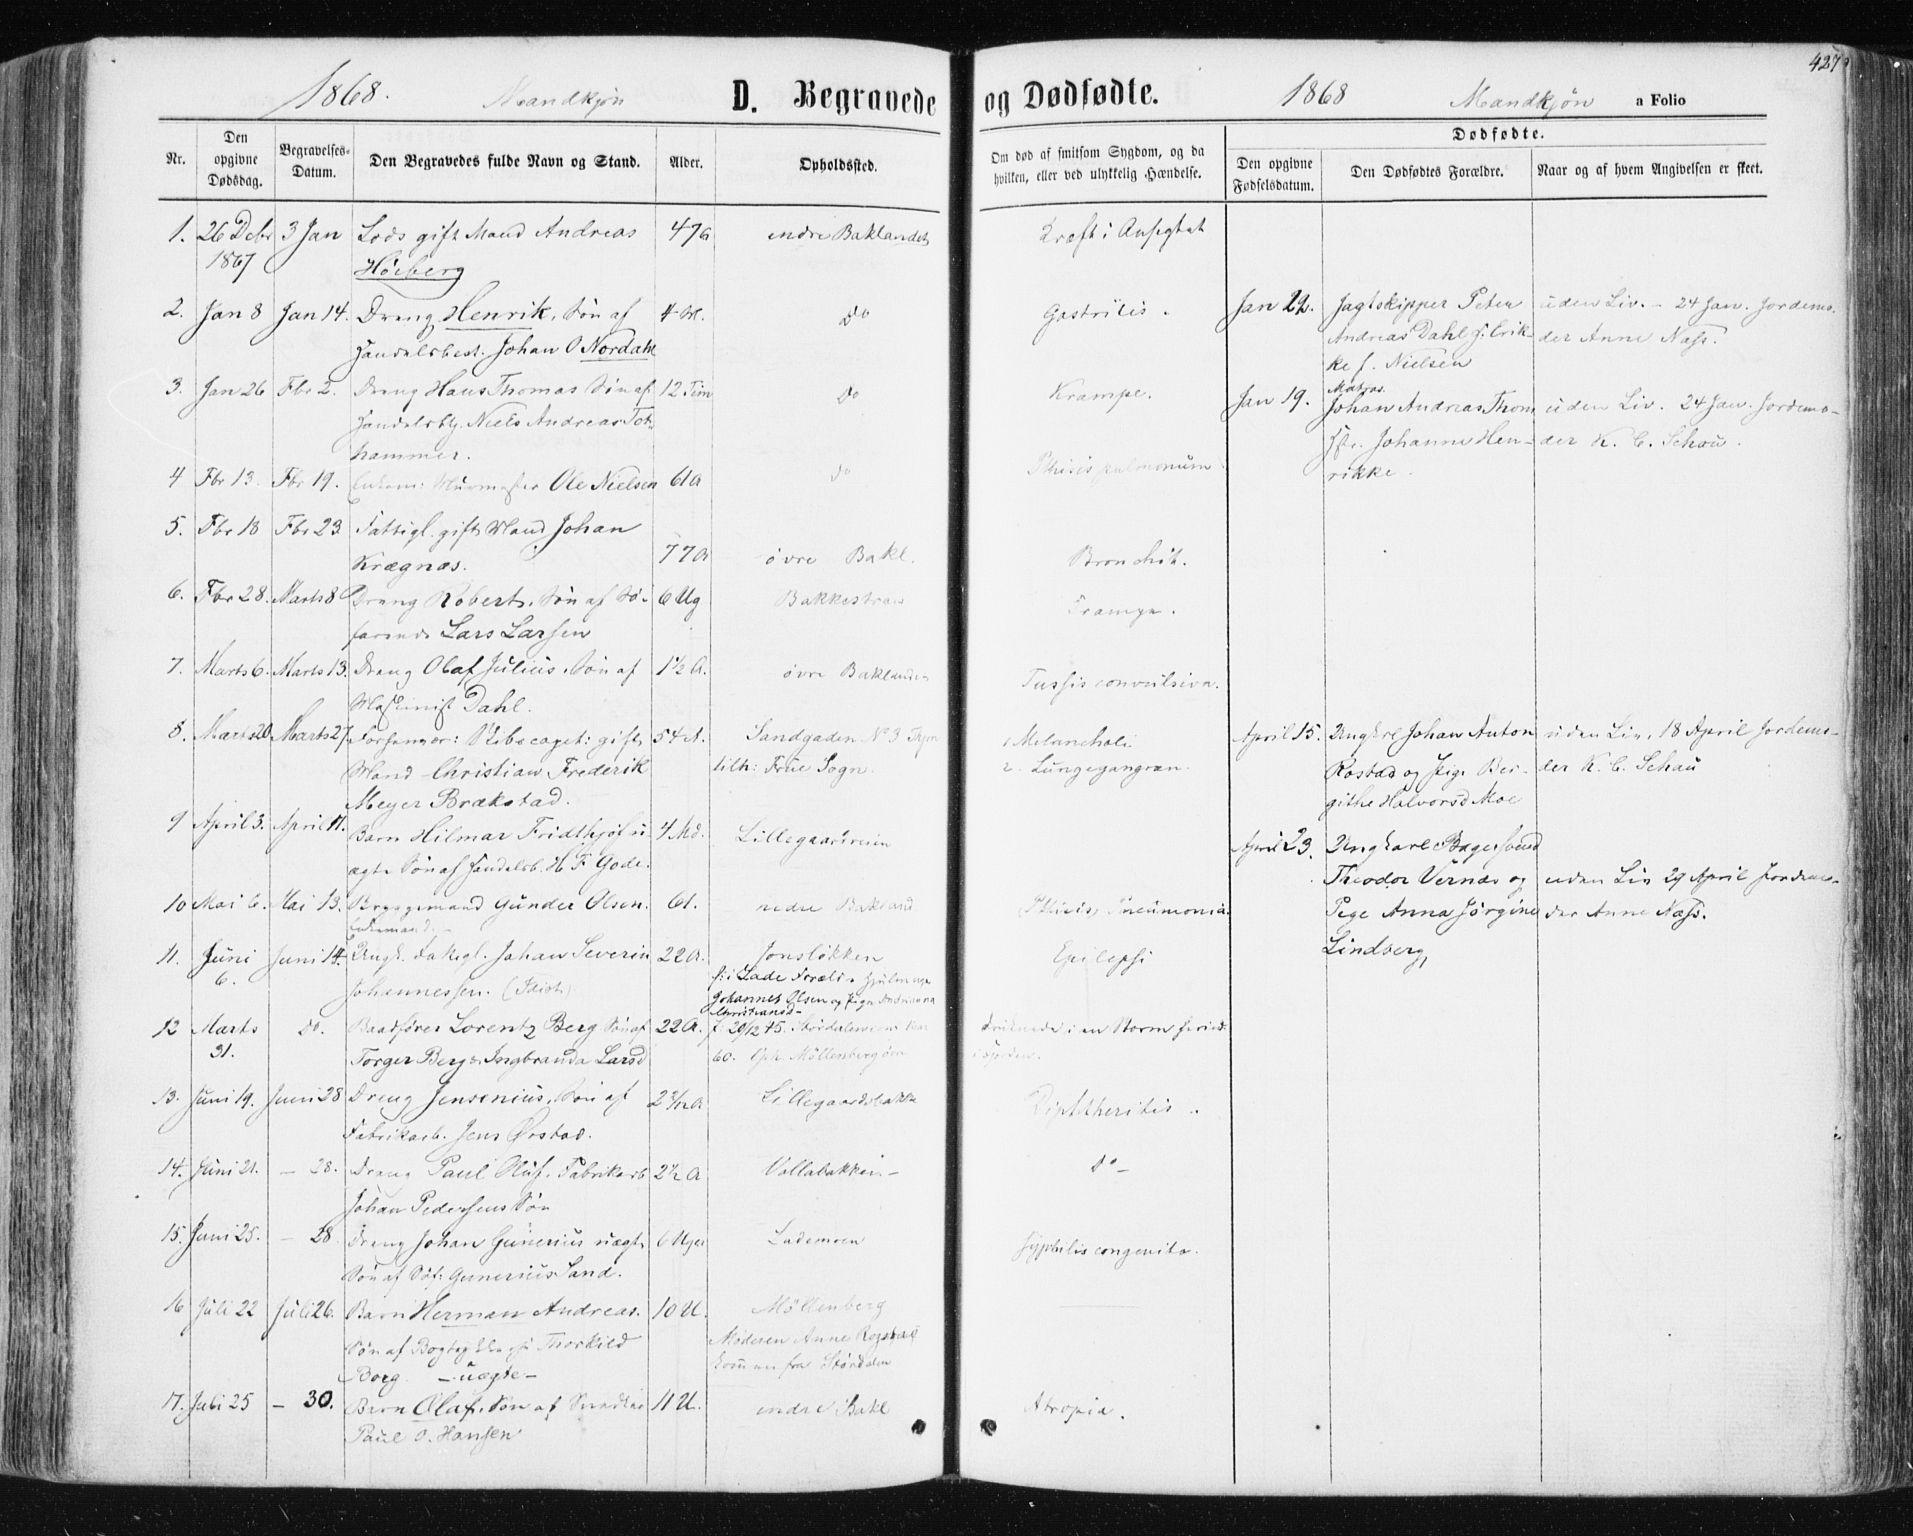 SAT, Ministerialprotokoller, klokkerbøker og fødselsregistre - Sør-Trøndelag, 604/L0186: Ministerialbok nr. 604A07, 1866-1877, s. 427